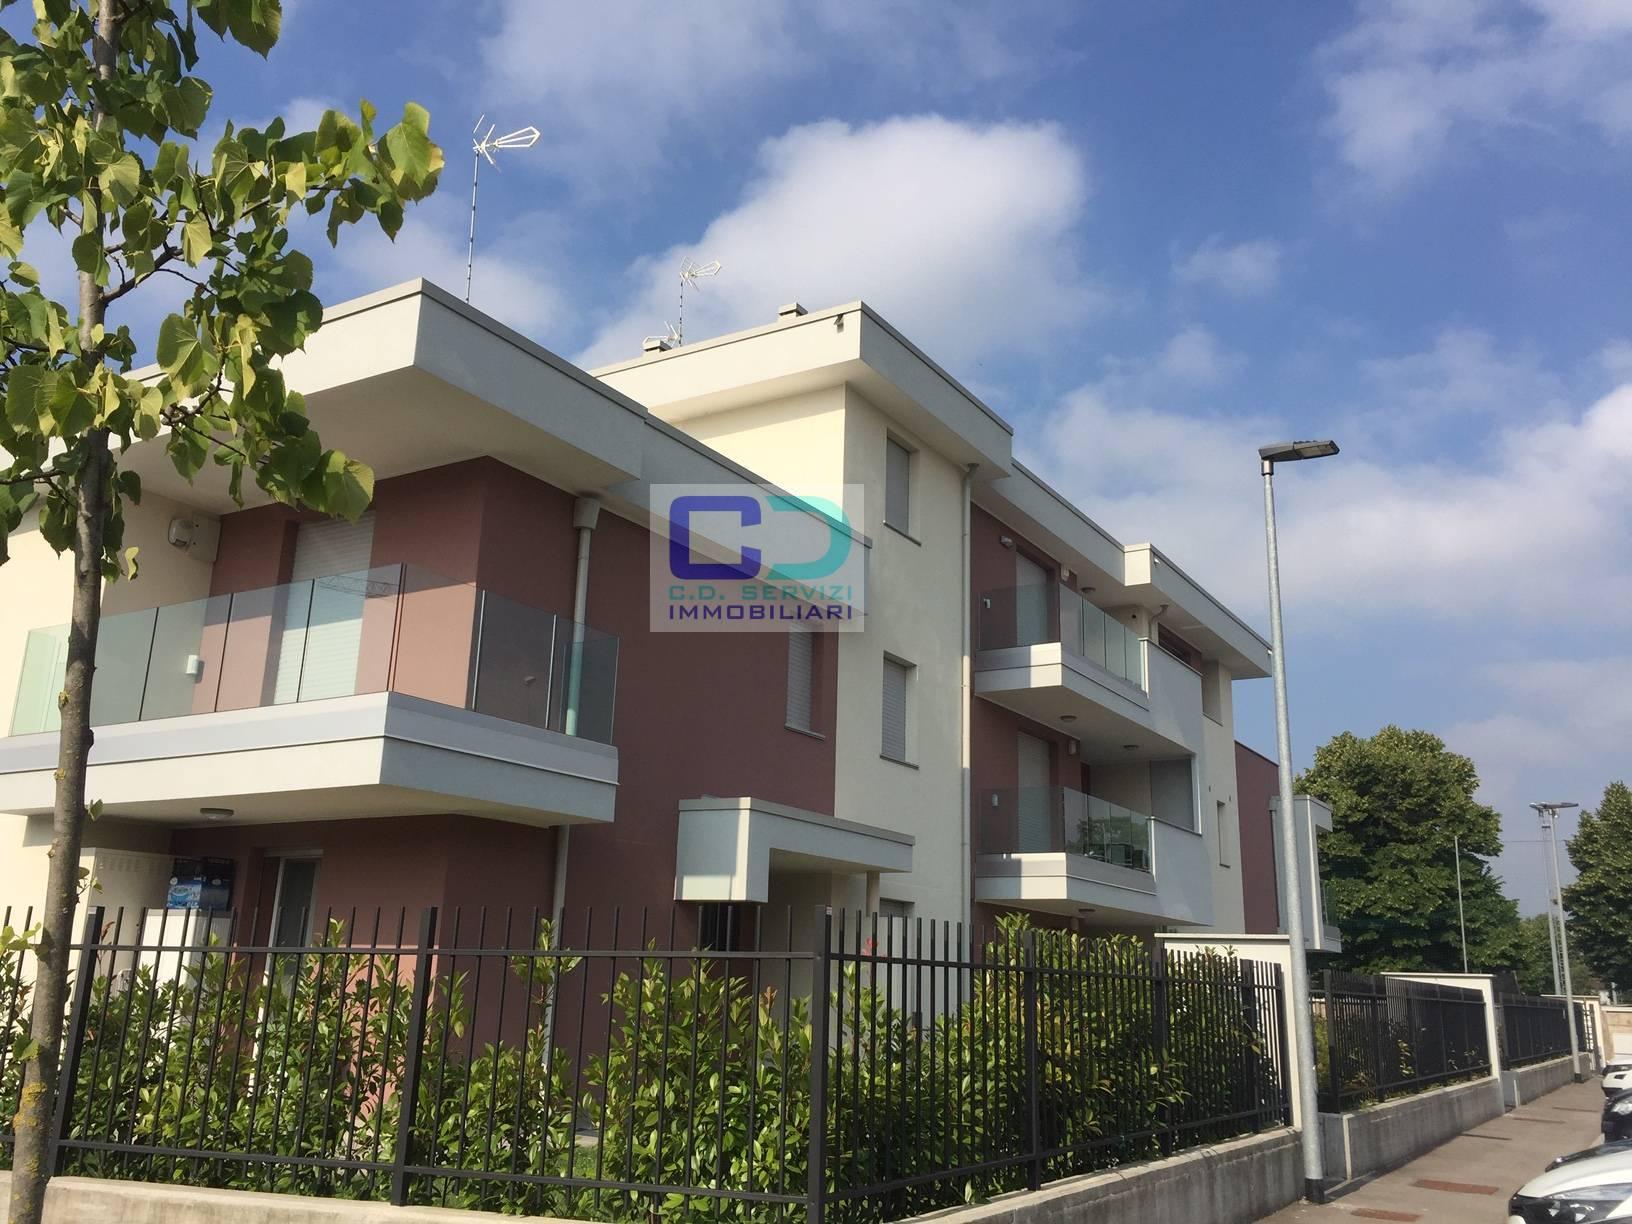 Appartamento in vendita a Inzago, 3 locali, prezzo € 256.000 | CambioCasa.it